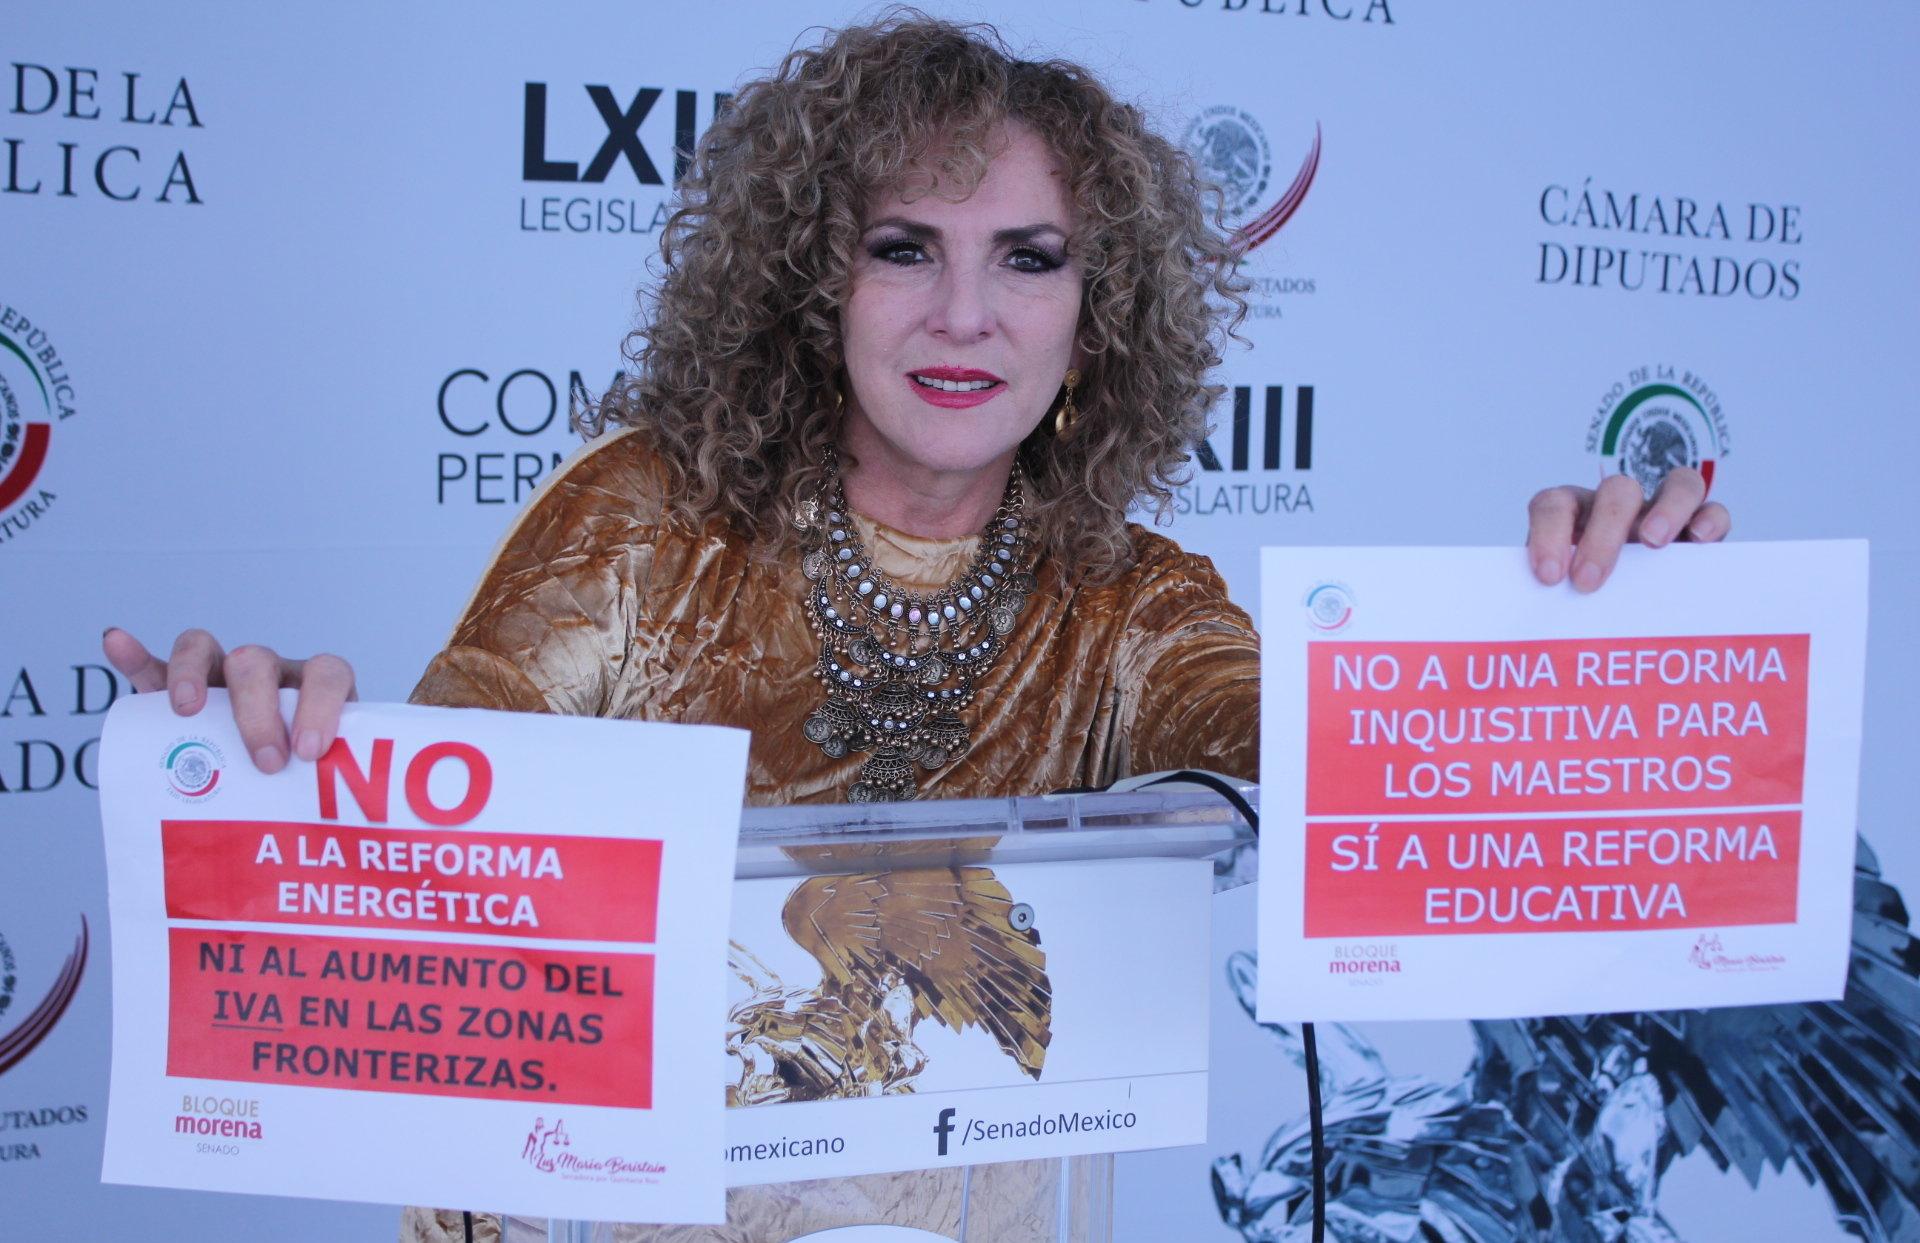 La senadora de la República de México por el estado de Quintana Roo, Luz María Beristain Navarrete